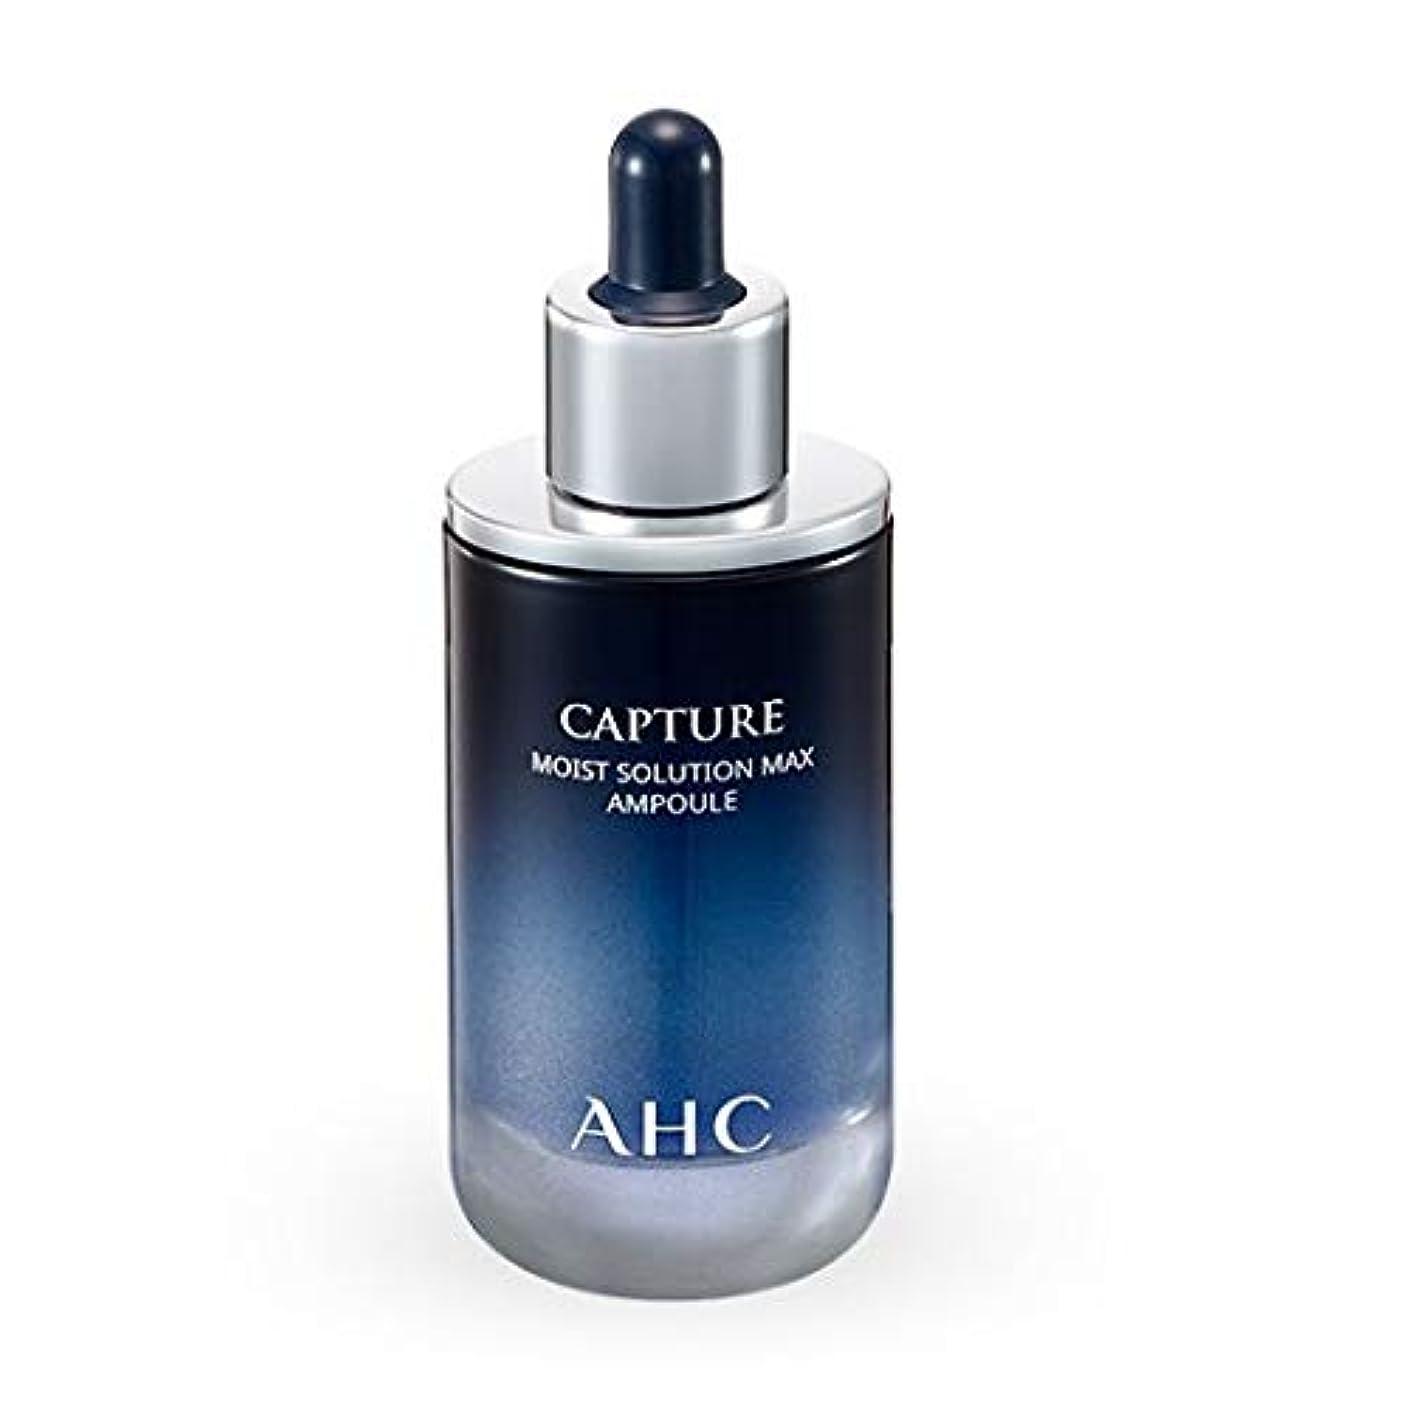 前兆保全愛国的なAHC Capture Moist Solution Max Ampoule/キャプチャー モイスト ソリューション マックス アンプル 50ml [並行輸入品]